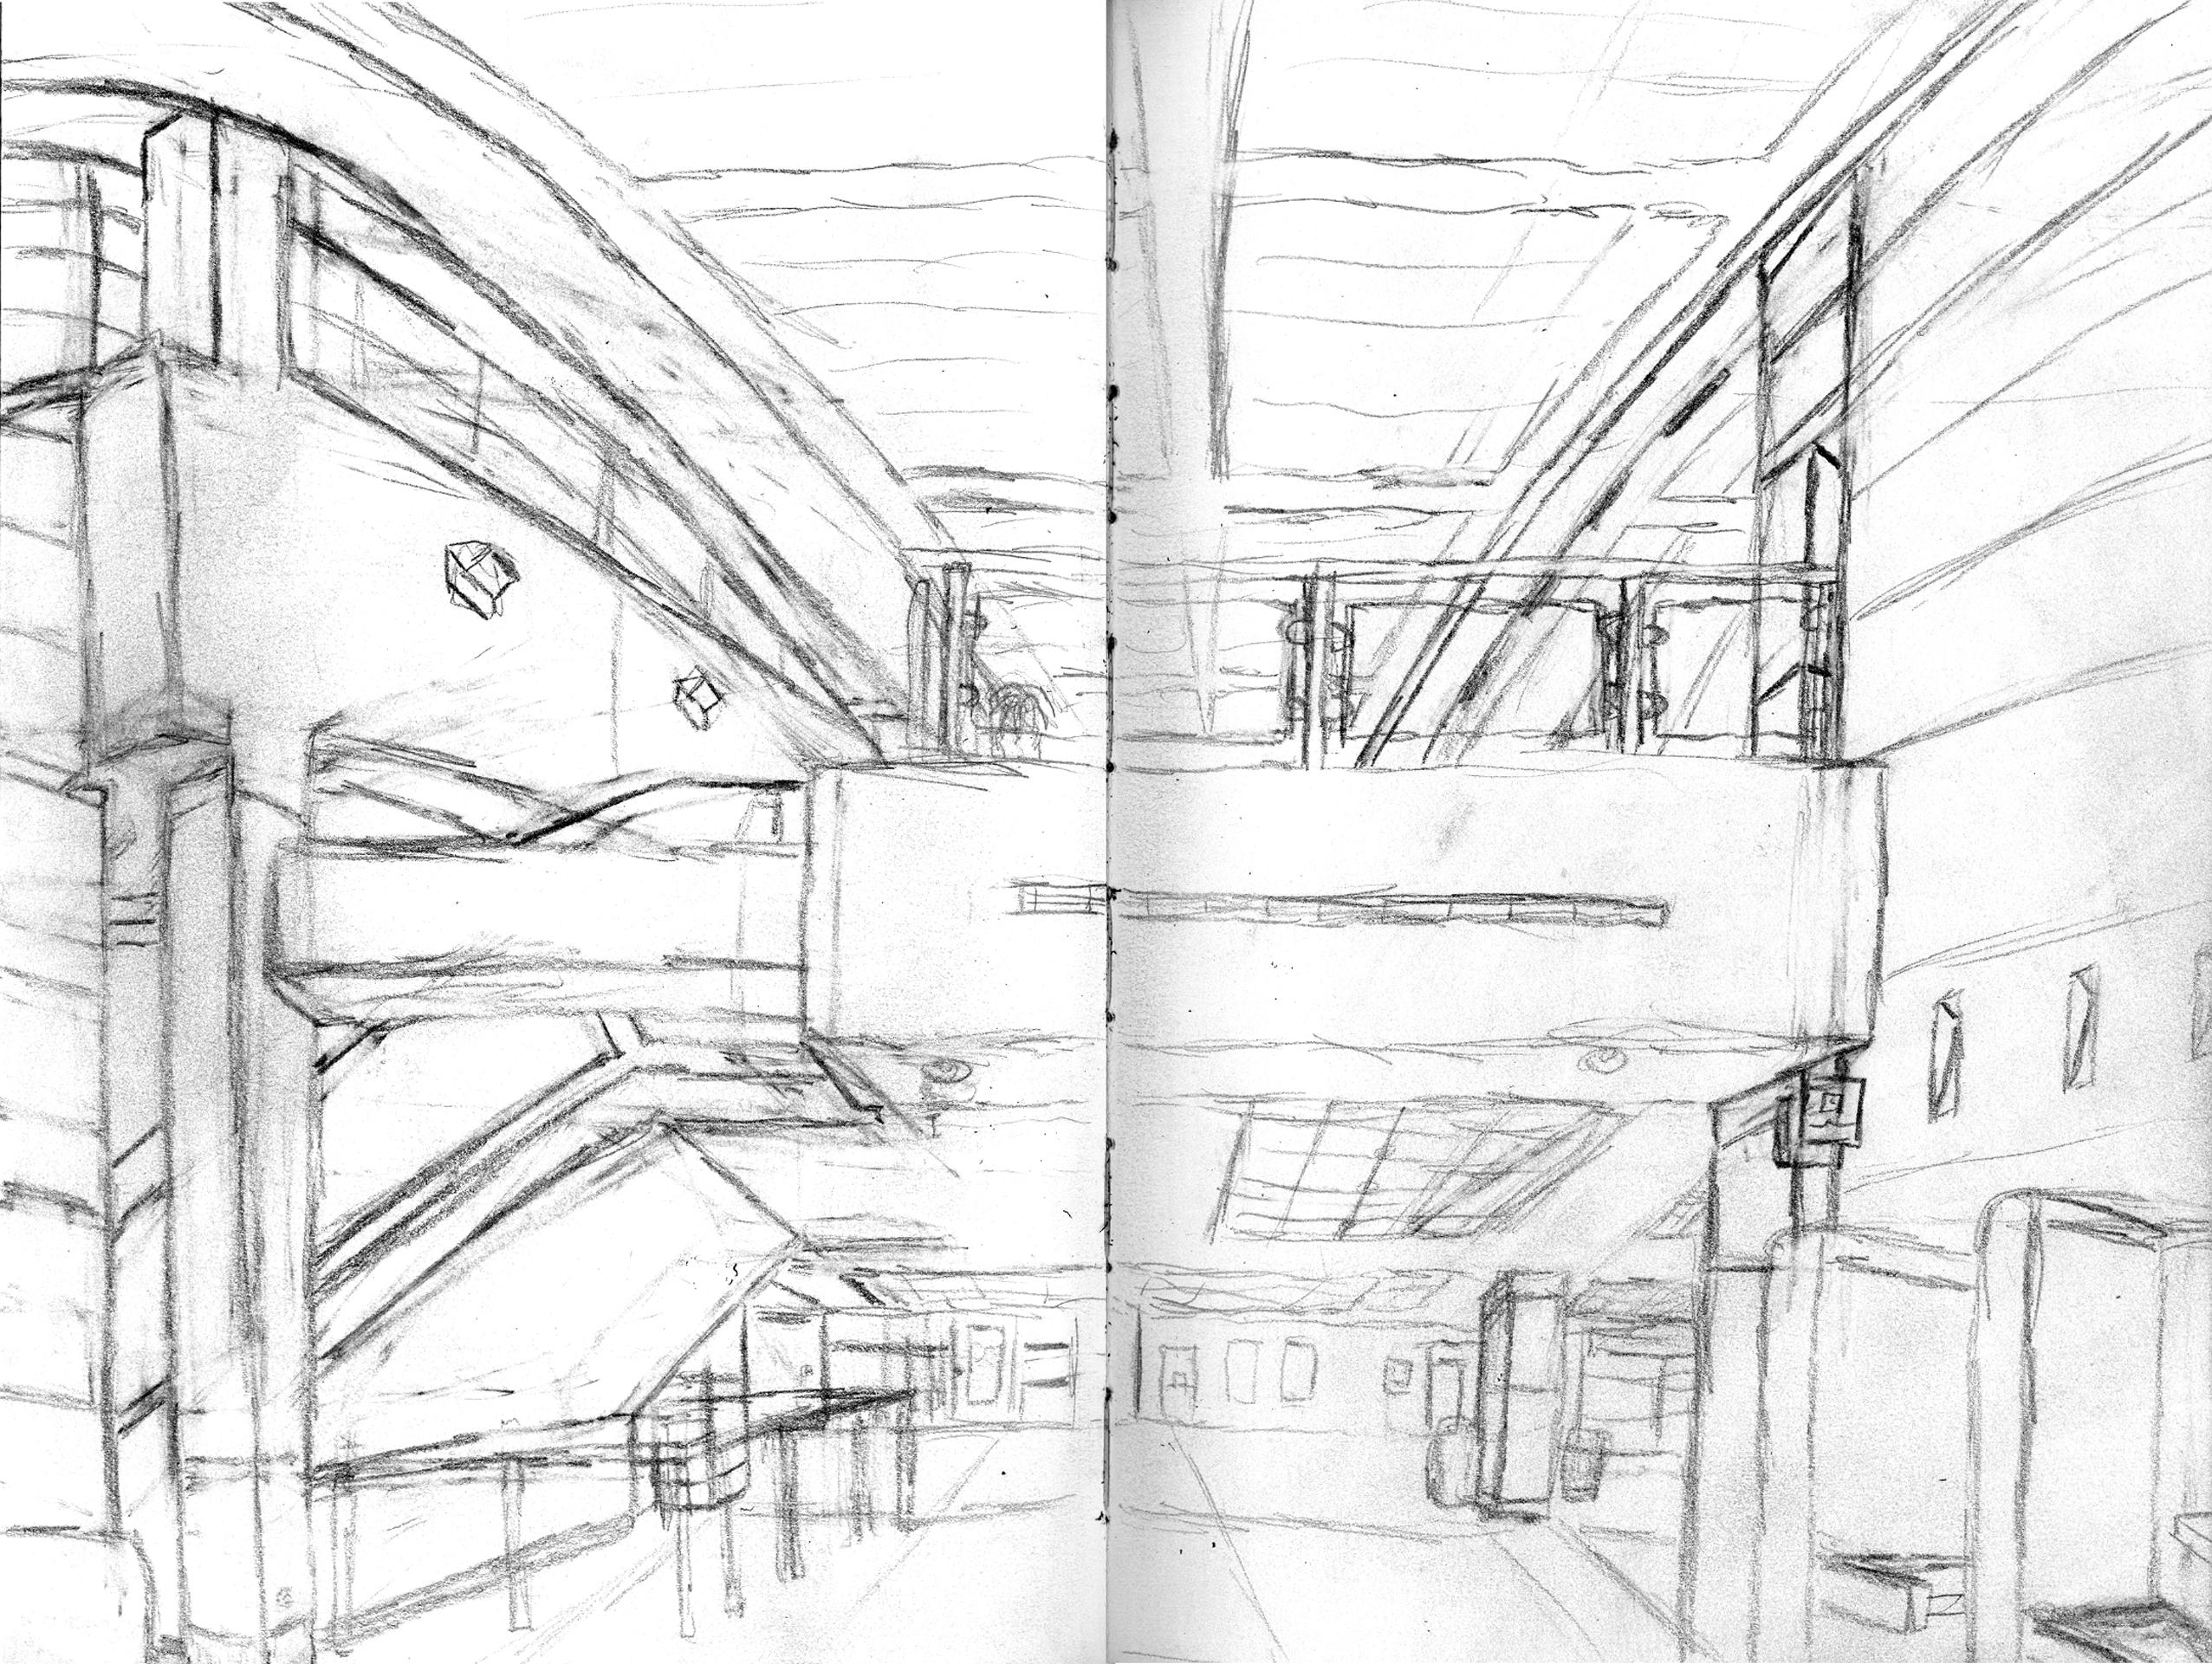 2553x1921 Sketchbook Development